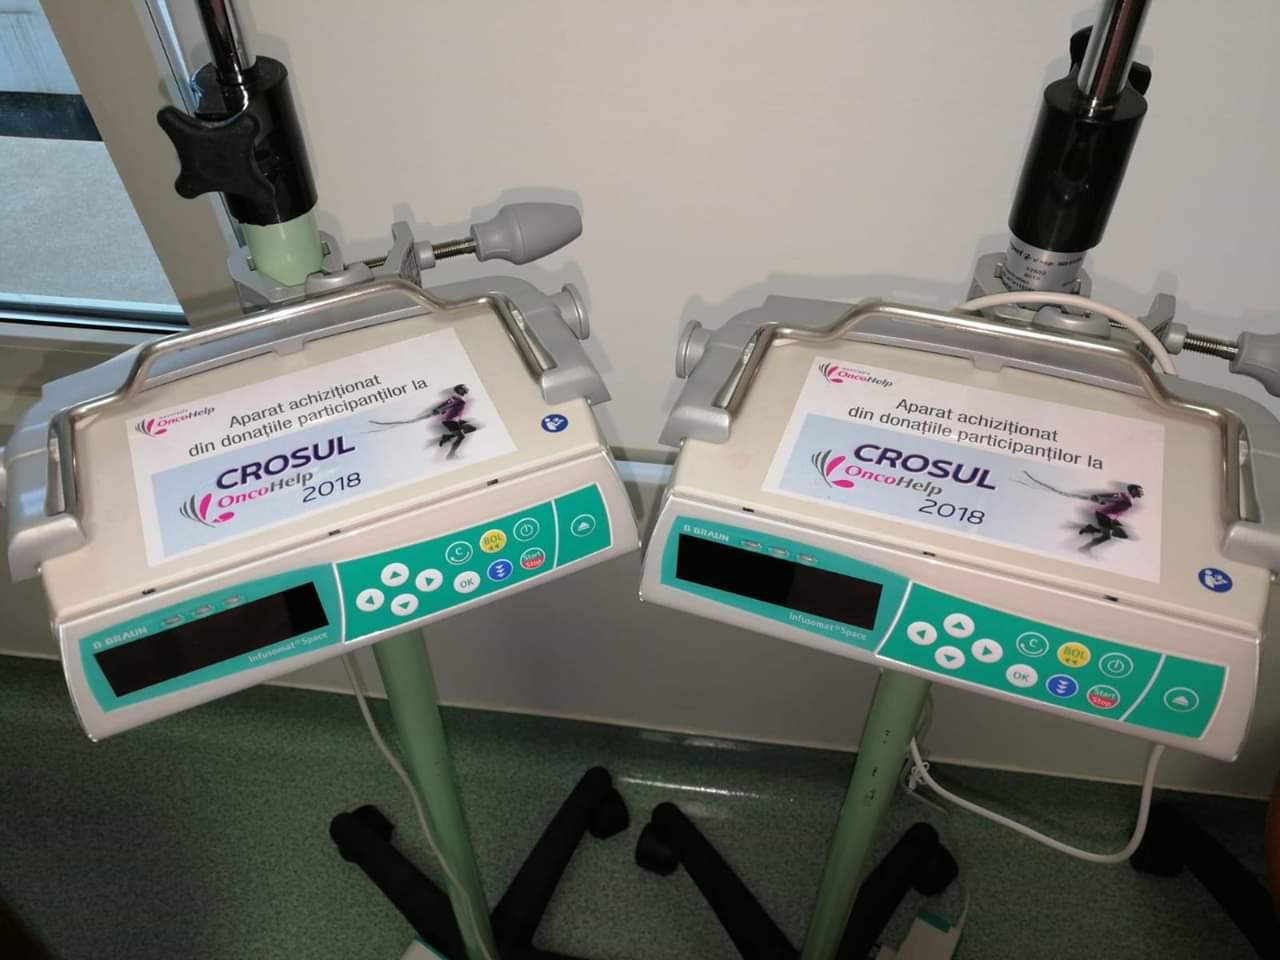 Injectomate achizitionate in urma evenimentului Crosul Oncohelp